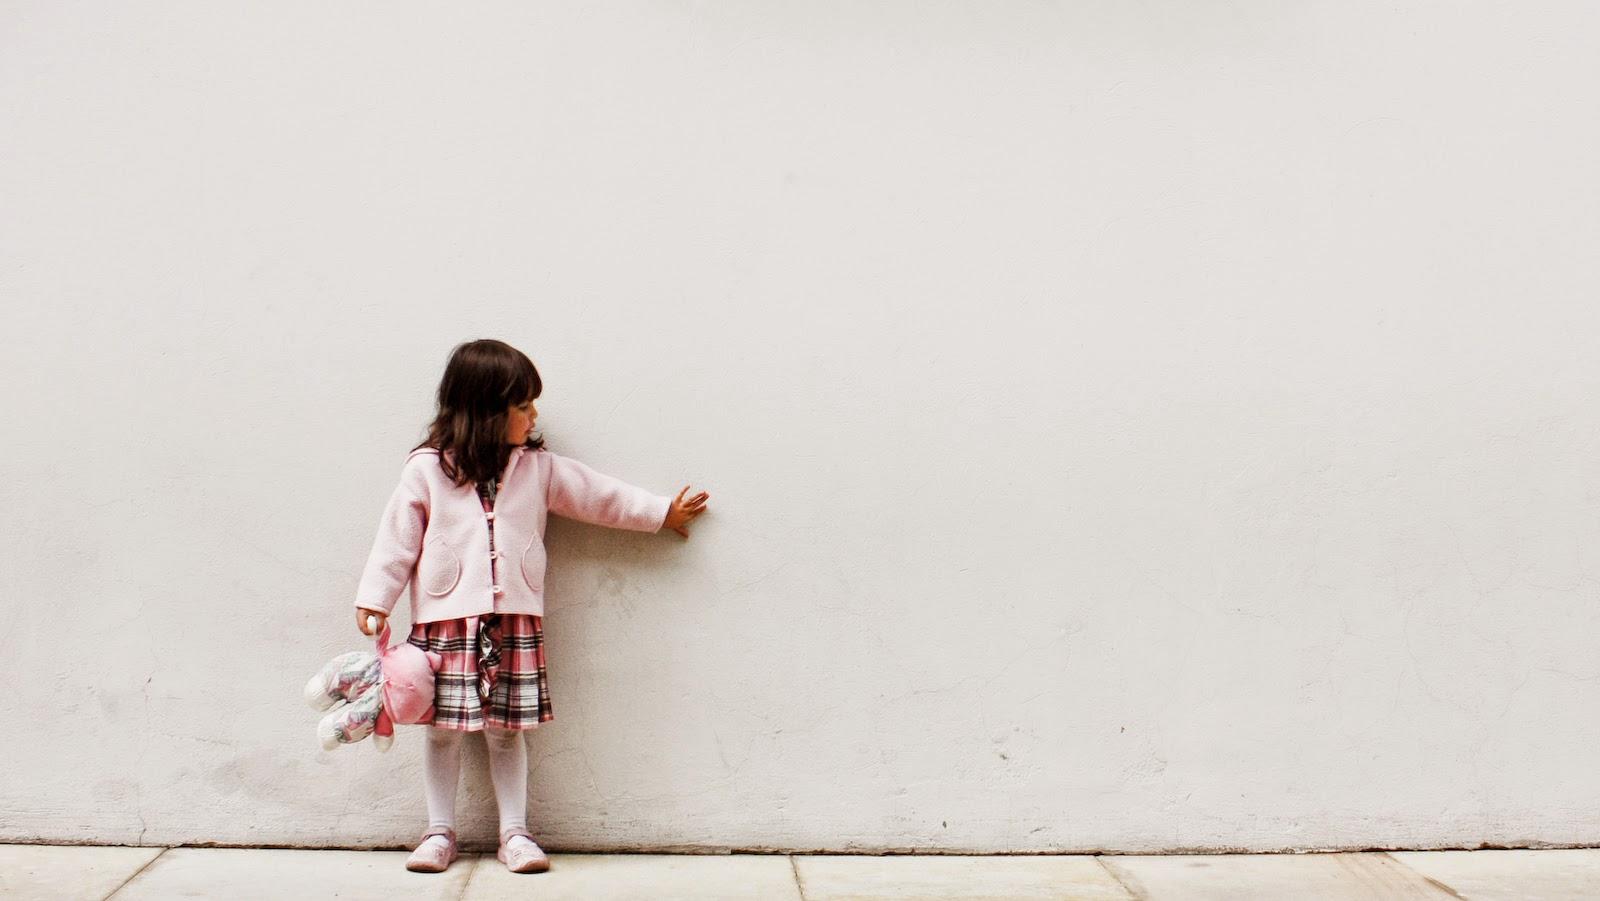 tapety na flizelinie dla dziecka